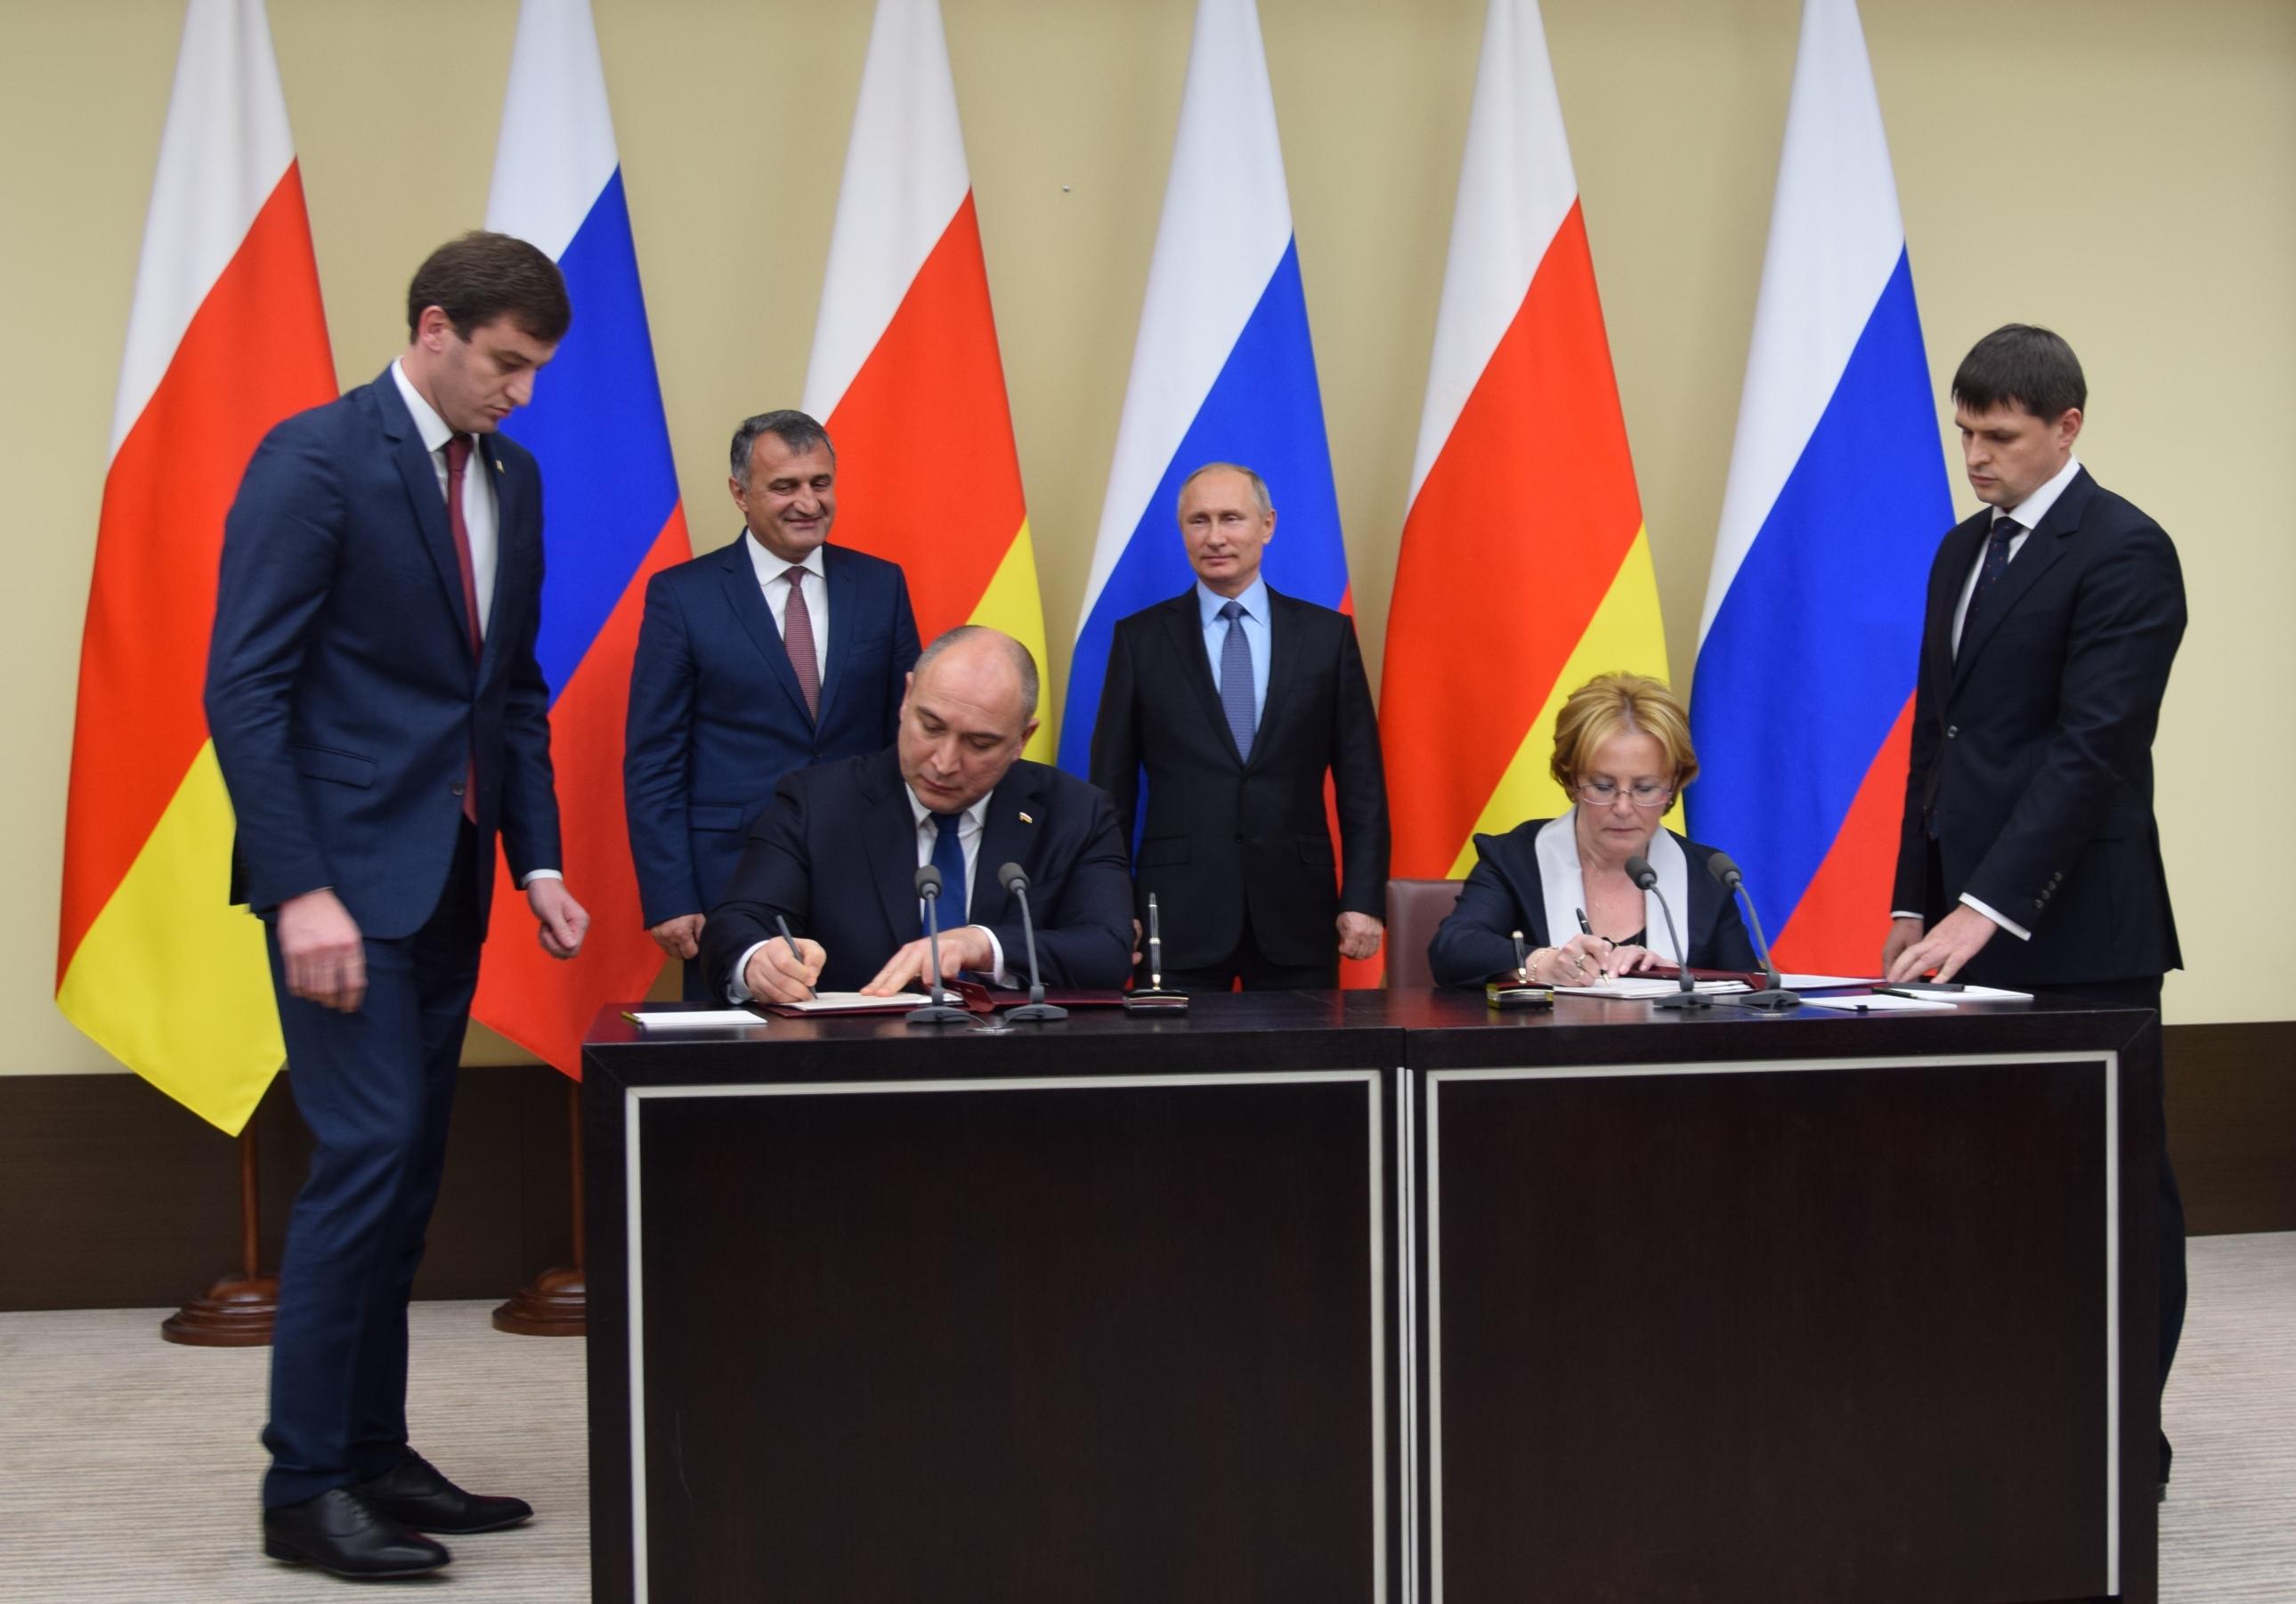 Министры здравоохранения Южной Осетии и России подписали документ о страховании граждан РФ, постоянно проживающих на территории Республики